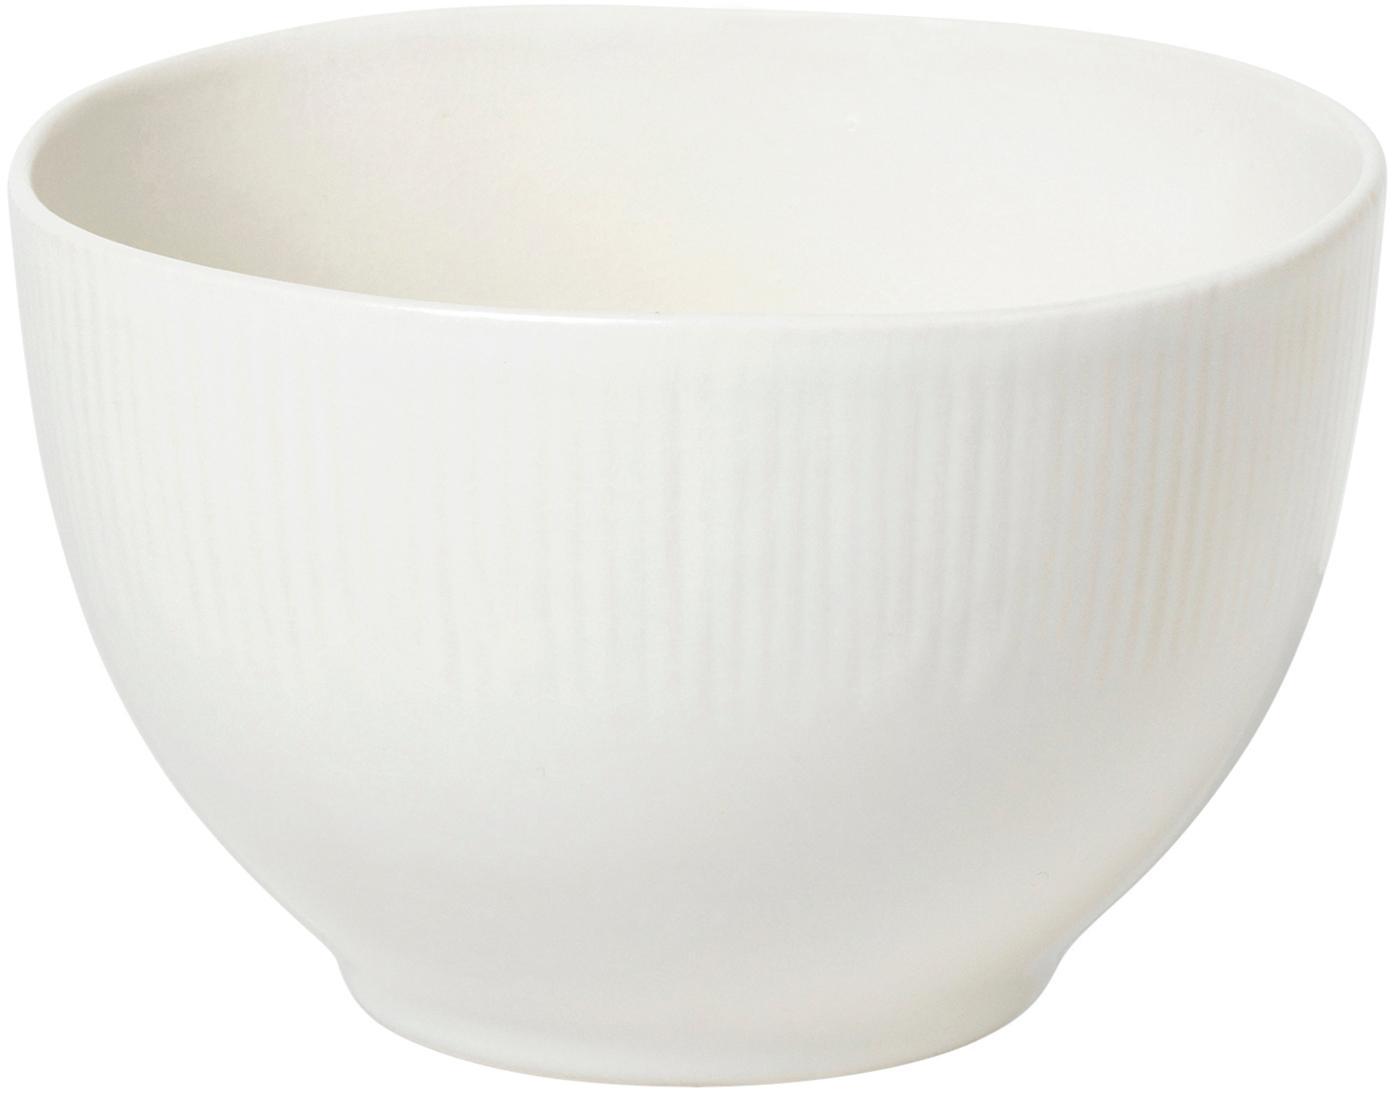 Handgemachte Schälchen Sandvig mit leichtem Rillenrelief, 4 Stück, Porzellan, durchgefärbt, Gebrochenes Weiß, Ø 14 x H 8 cm